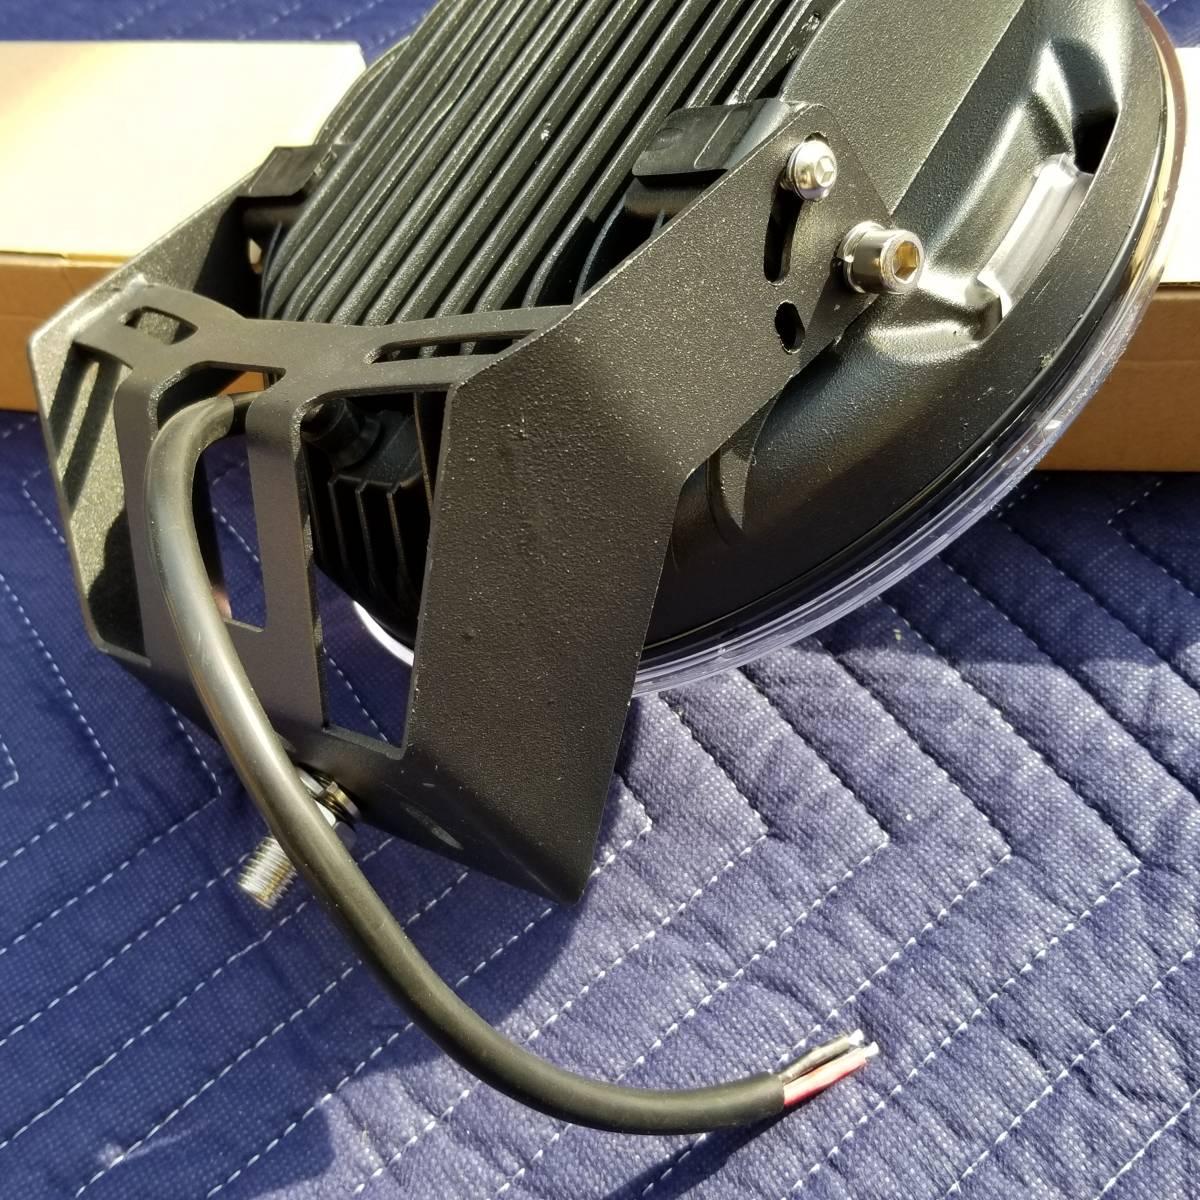 新品LED フォグライト 185w 作業灯 ワークライト 防水 CREE 2個 サーチライト ライトバー 丸型スポットビームARB プラド キャリア_画像5